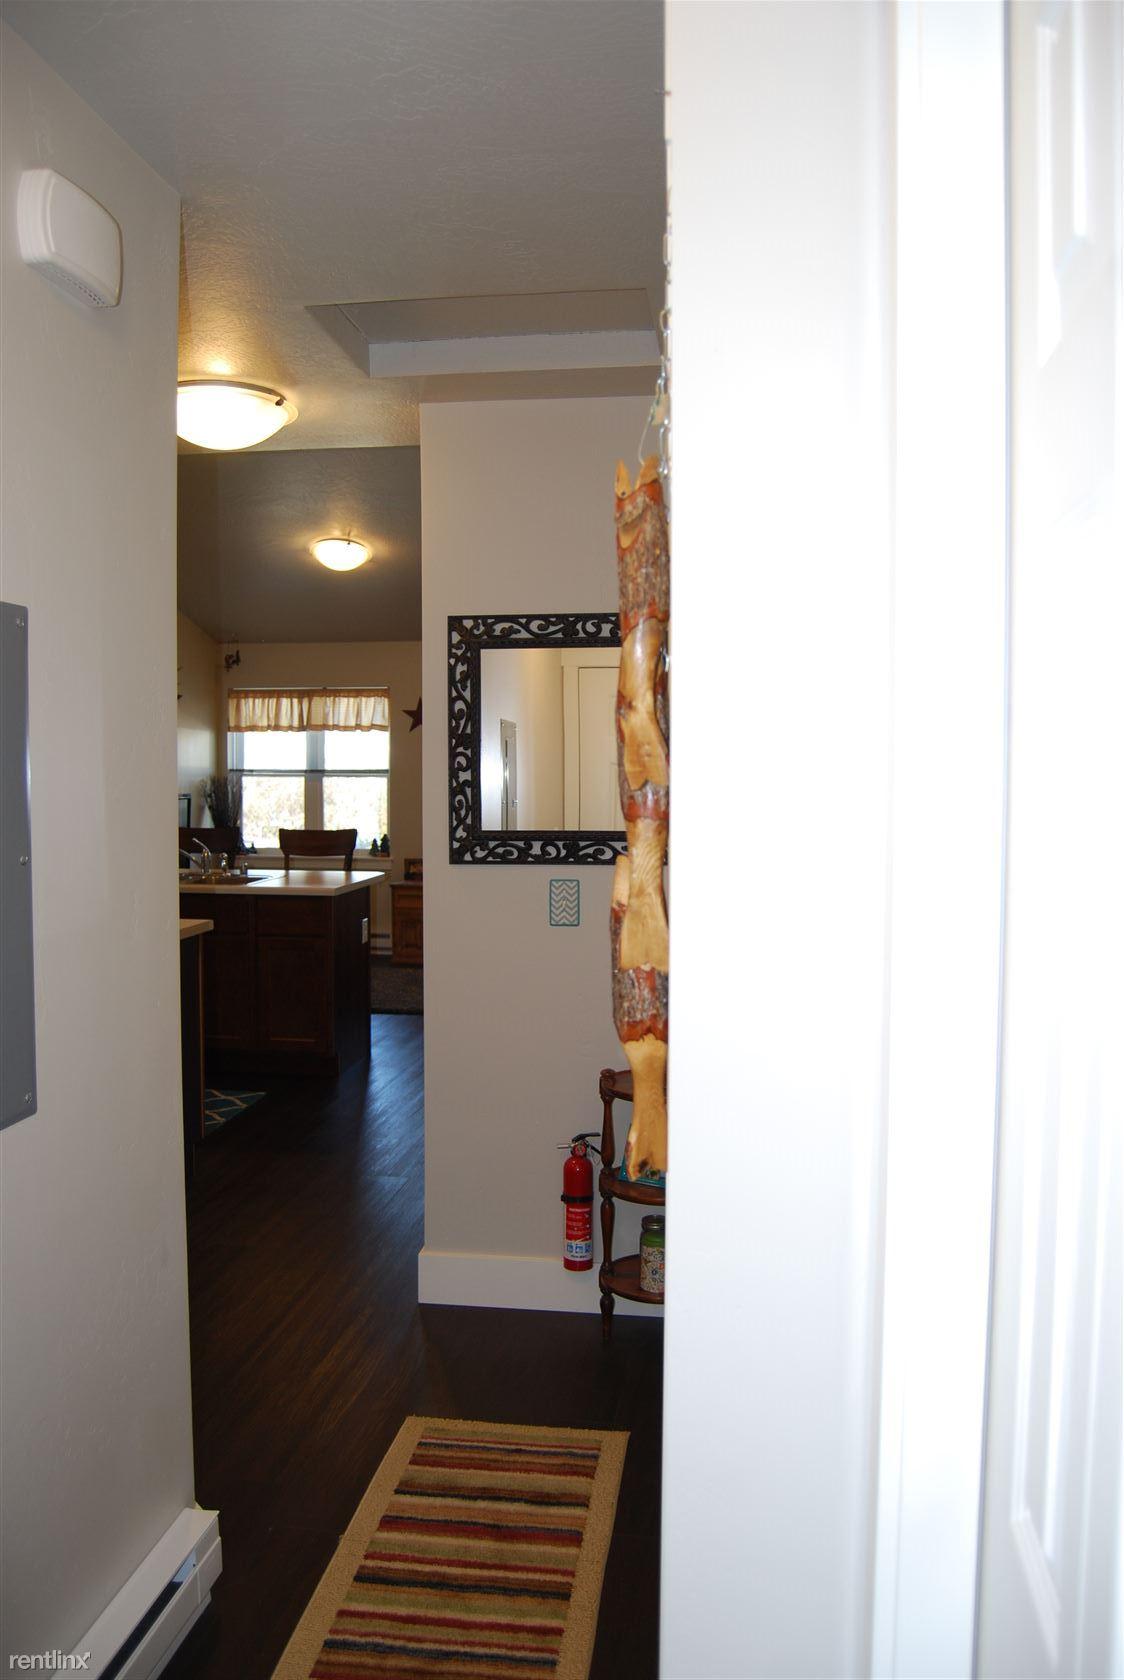 3rd St. W. For Rent Missoula, MT  (4)